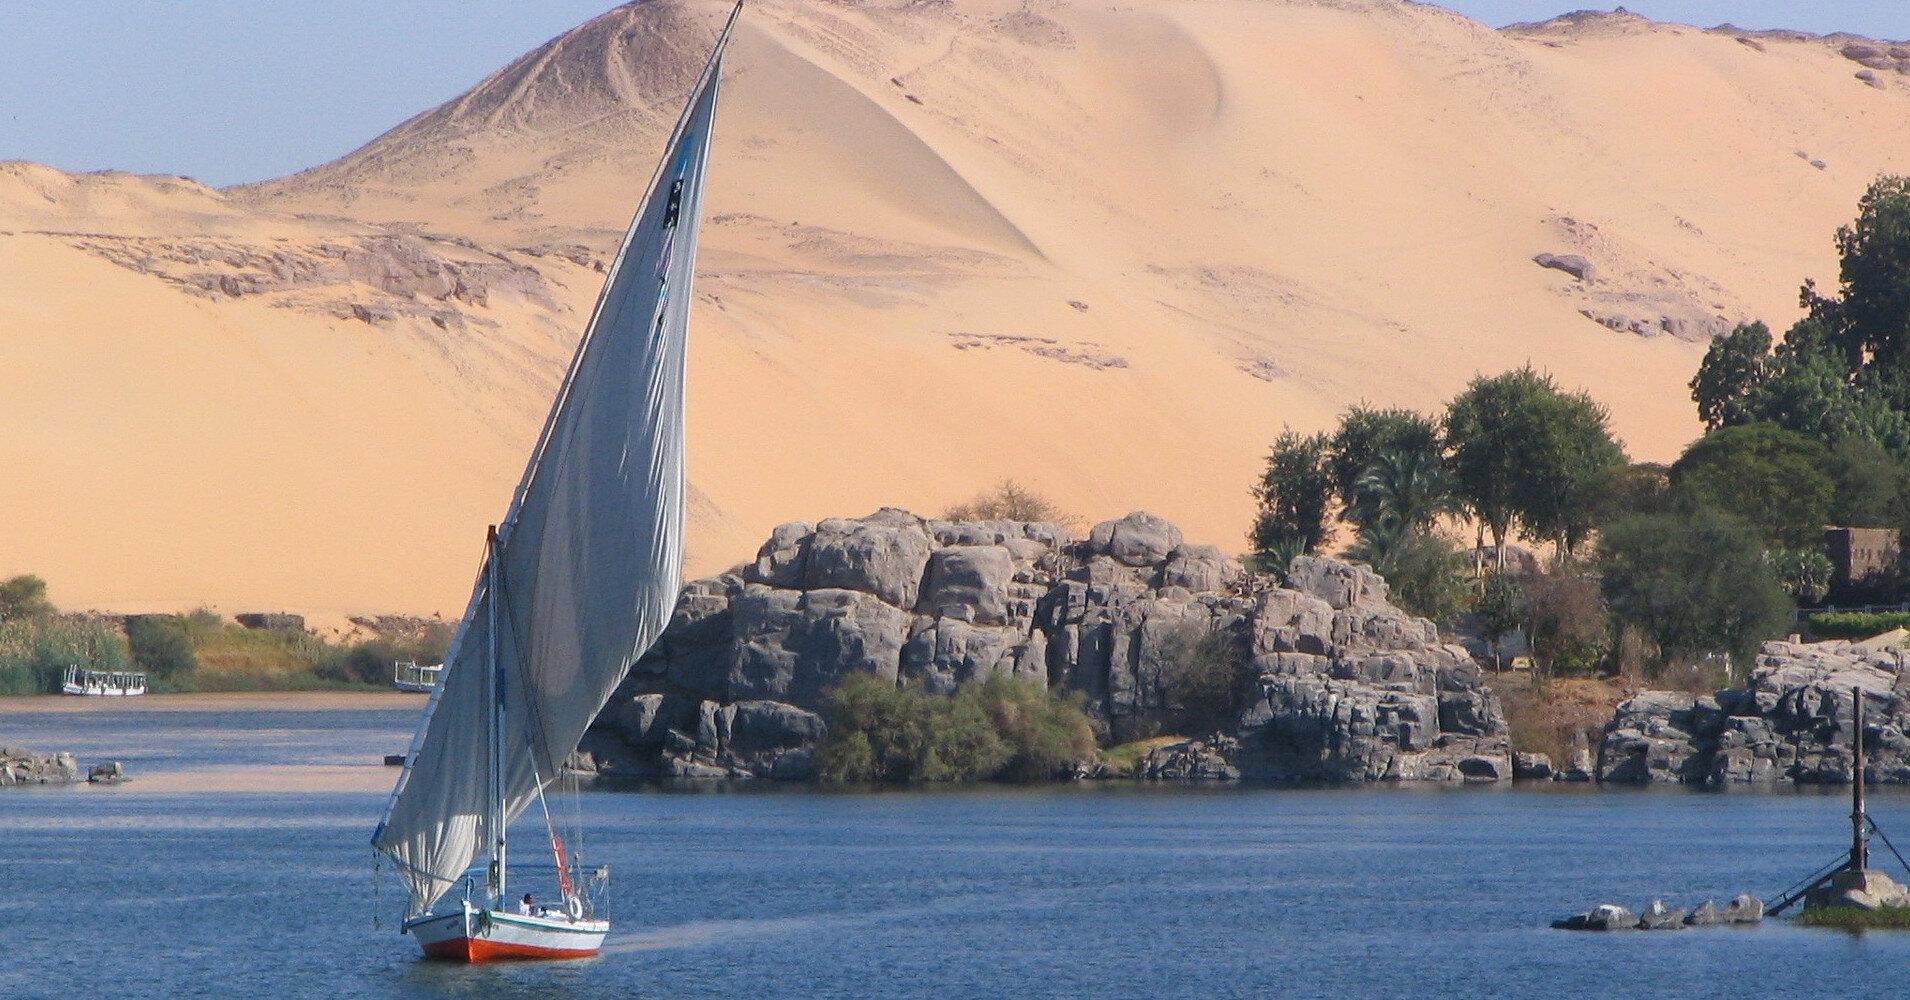 Отдых в Египте в 2021: стоит ли ехать и какие цены